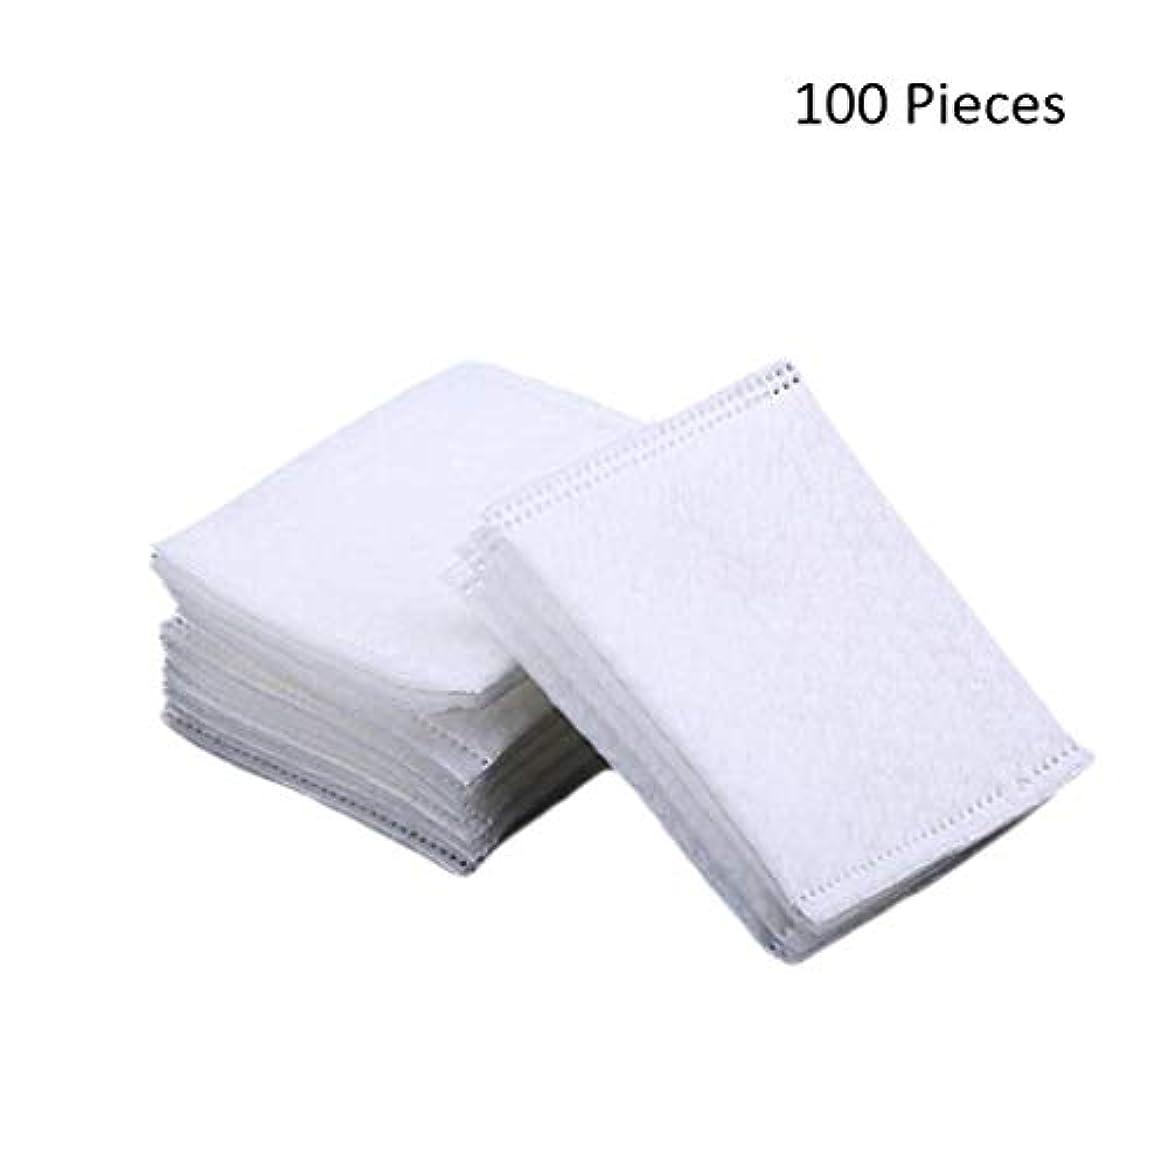 休暇マイクロプロセッサフォーク50/100/220ピースダブルサイドフェイスメイクアップリムーバーコットンパッド密封旅行削除コットンパッドスキン化粧品メイクアップツール (Color : White, サイズ : 100 Pieces)